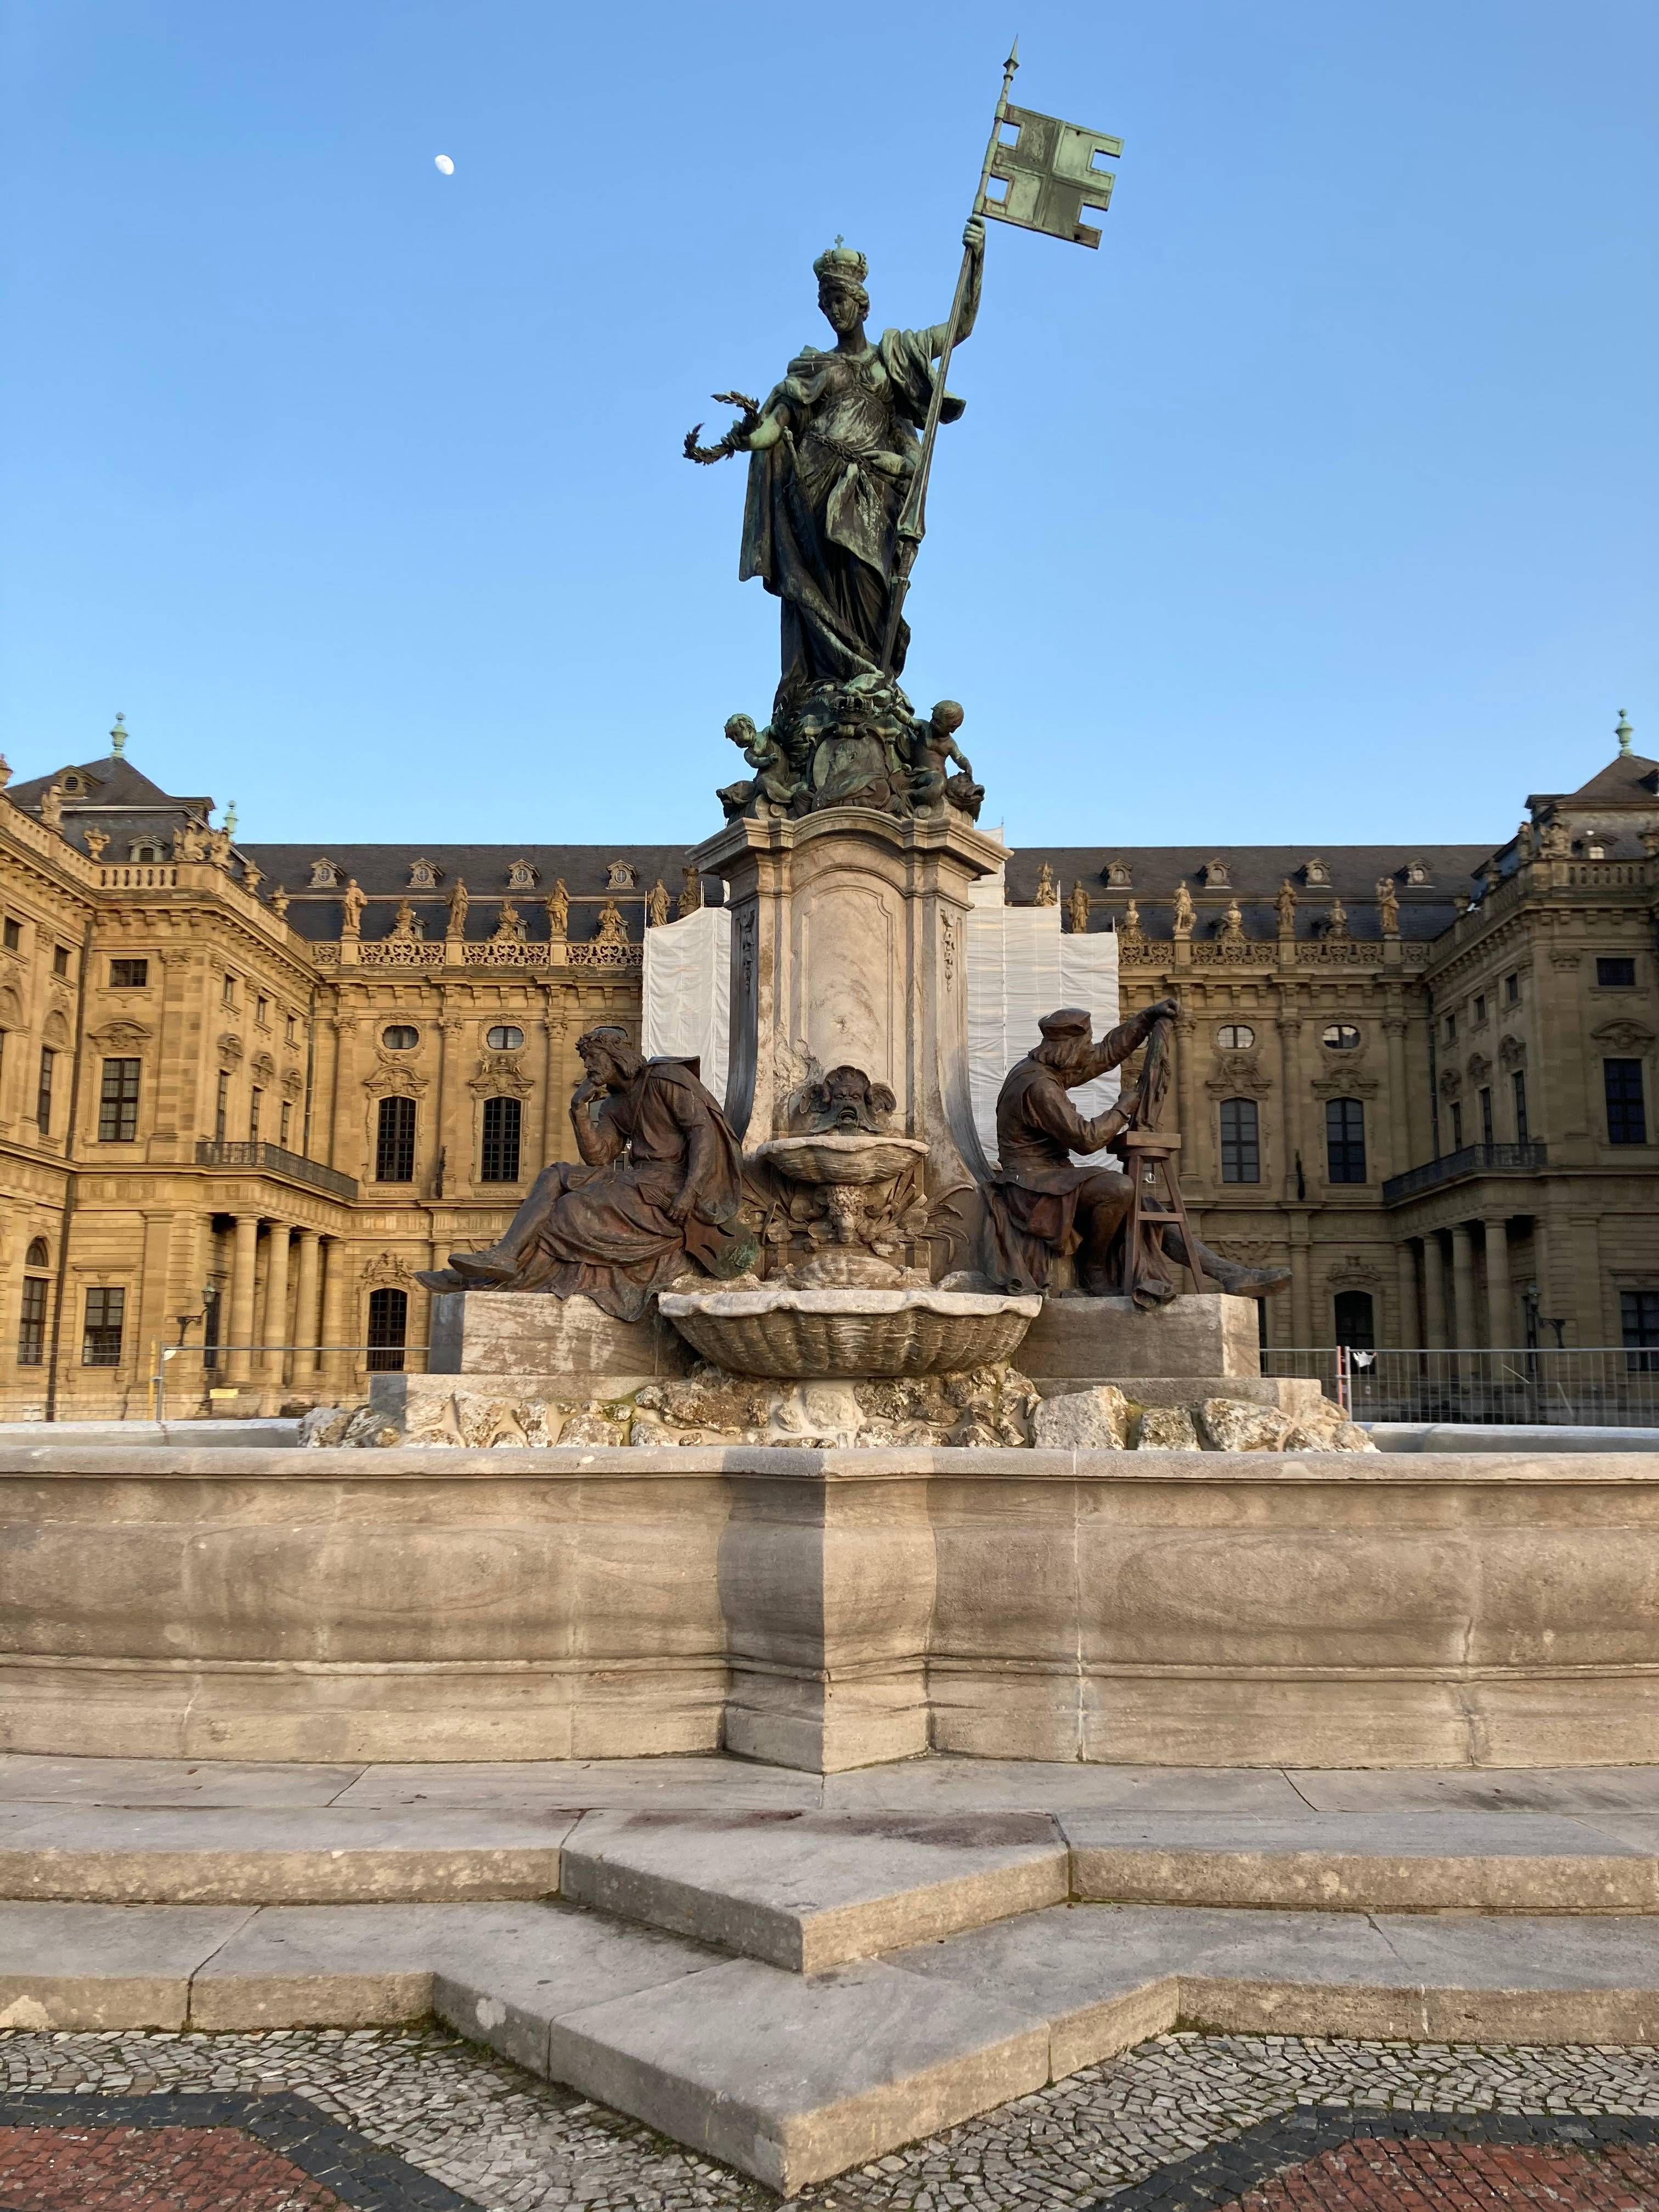 1894 wurde auf dem Residenzplatz der Luitpoldbrunnen, der heutige Frankoniabrunnen, als Geschenk an den Prinzregenten eingeweiht. In der Würzburger Residenz hatte Luitpold 1821 das Licht der Welt erblickt.